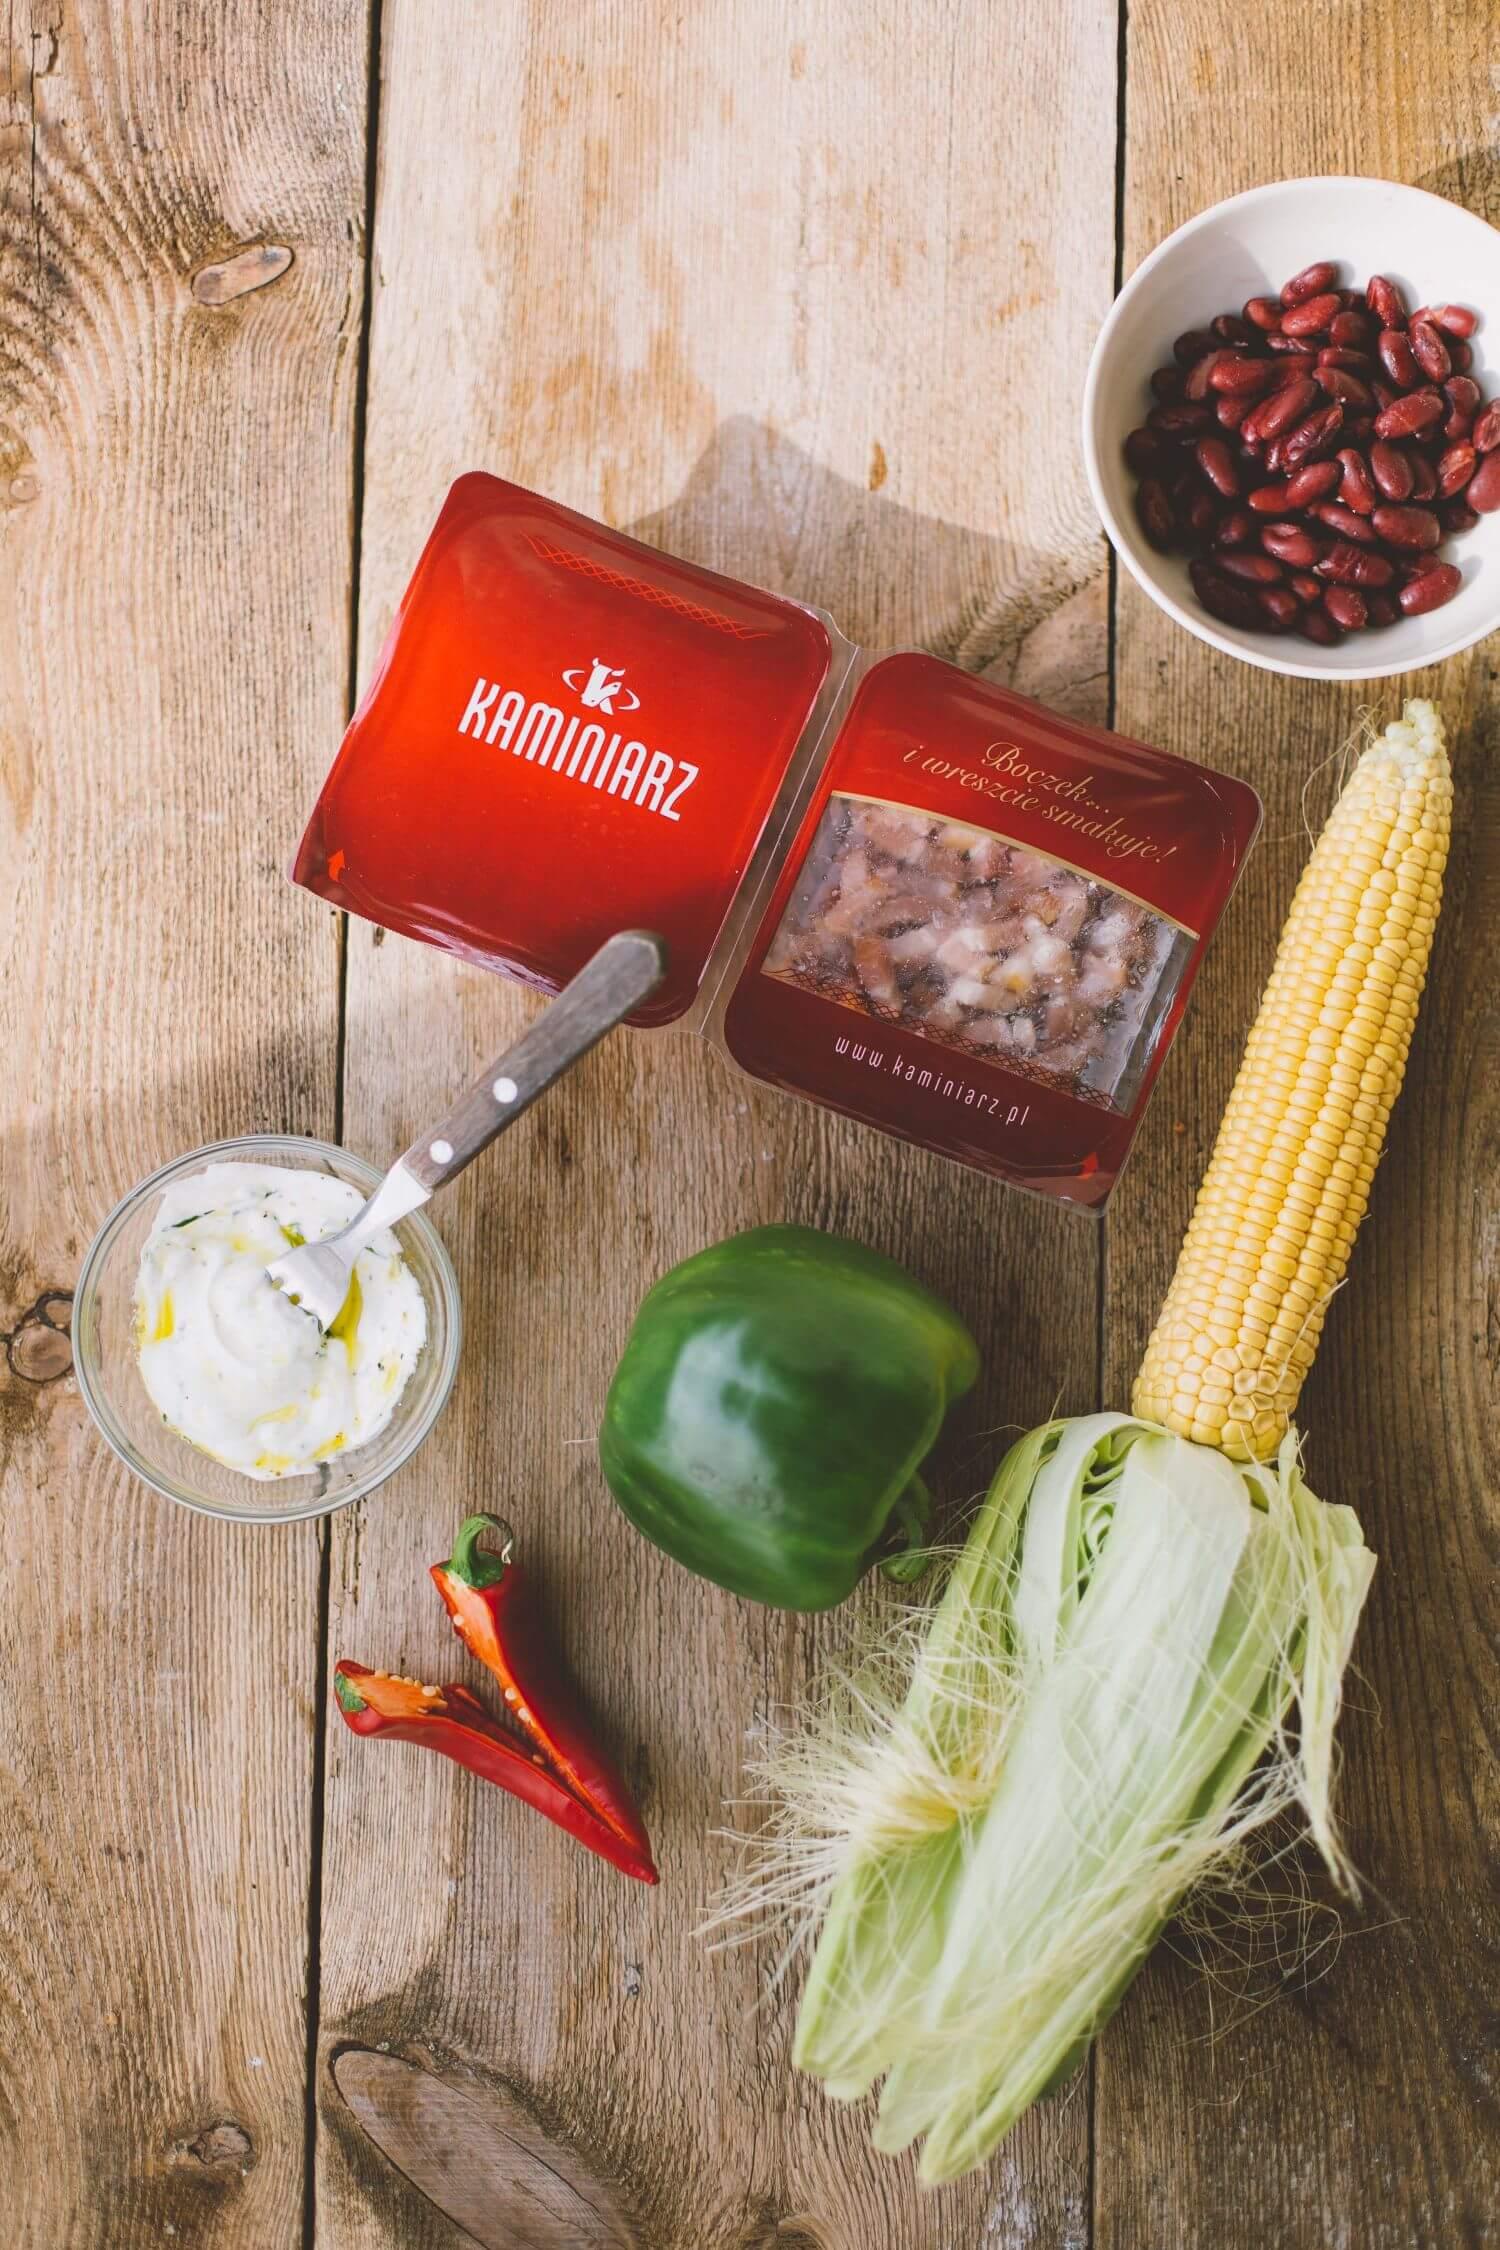 salatka meksykanska z bekonem i chili